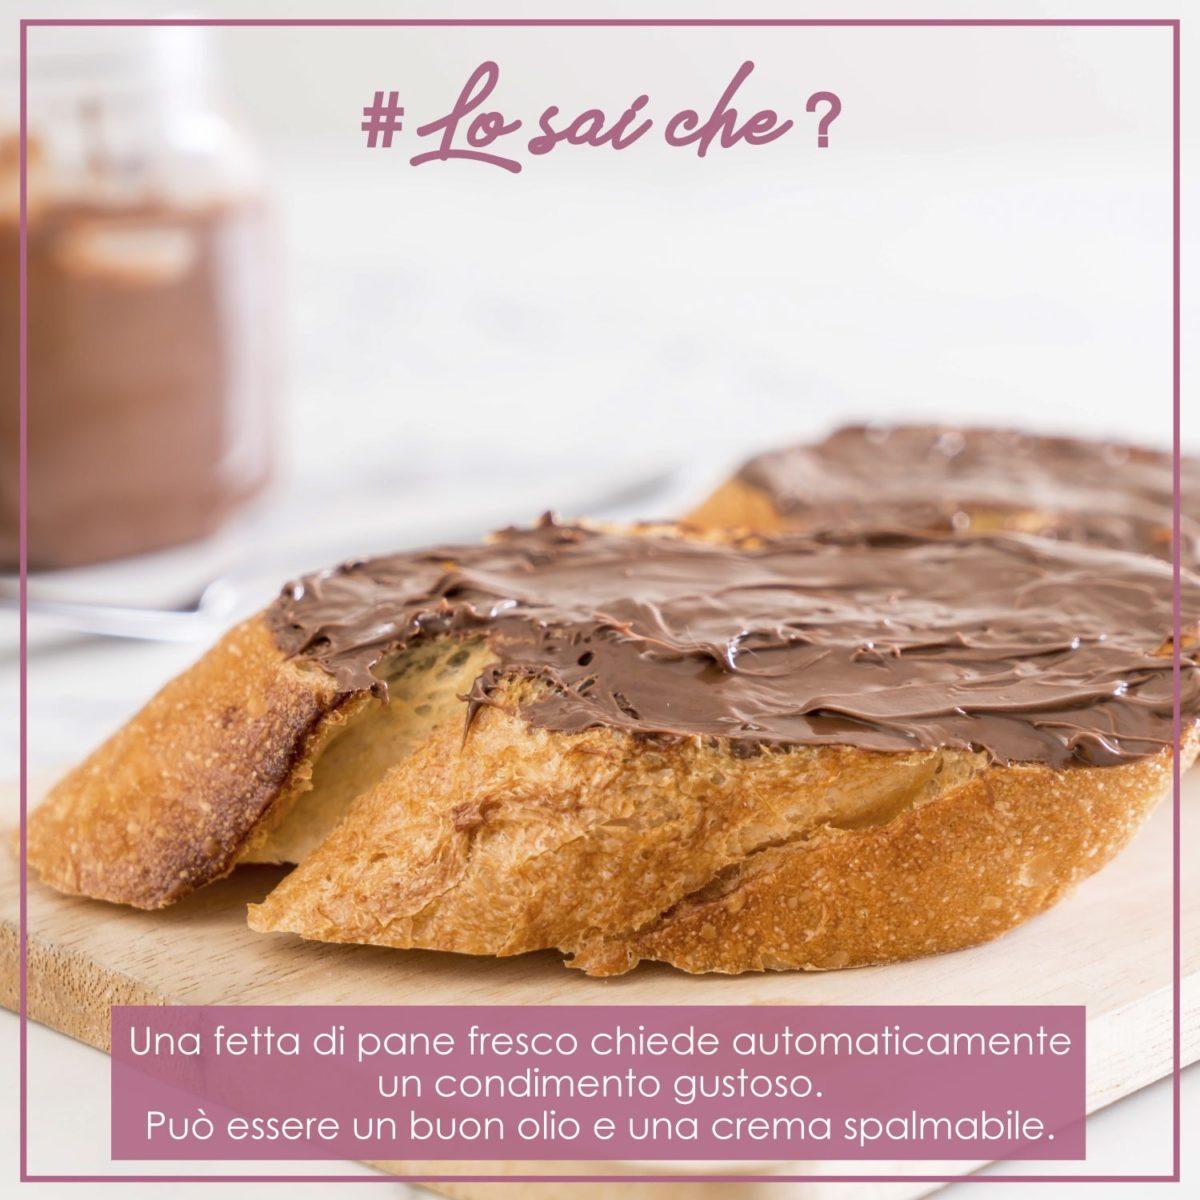 LO-SAI-CHE-una-fetta-di-pane-fresco-chiede-automaticamente-un-condimento-gustoso-Può-essere-un-buon-olio-e-perchè-non-una-crema-spalmabile-1200x1200.jpg